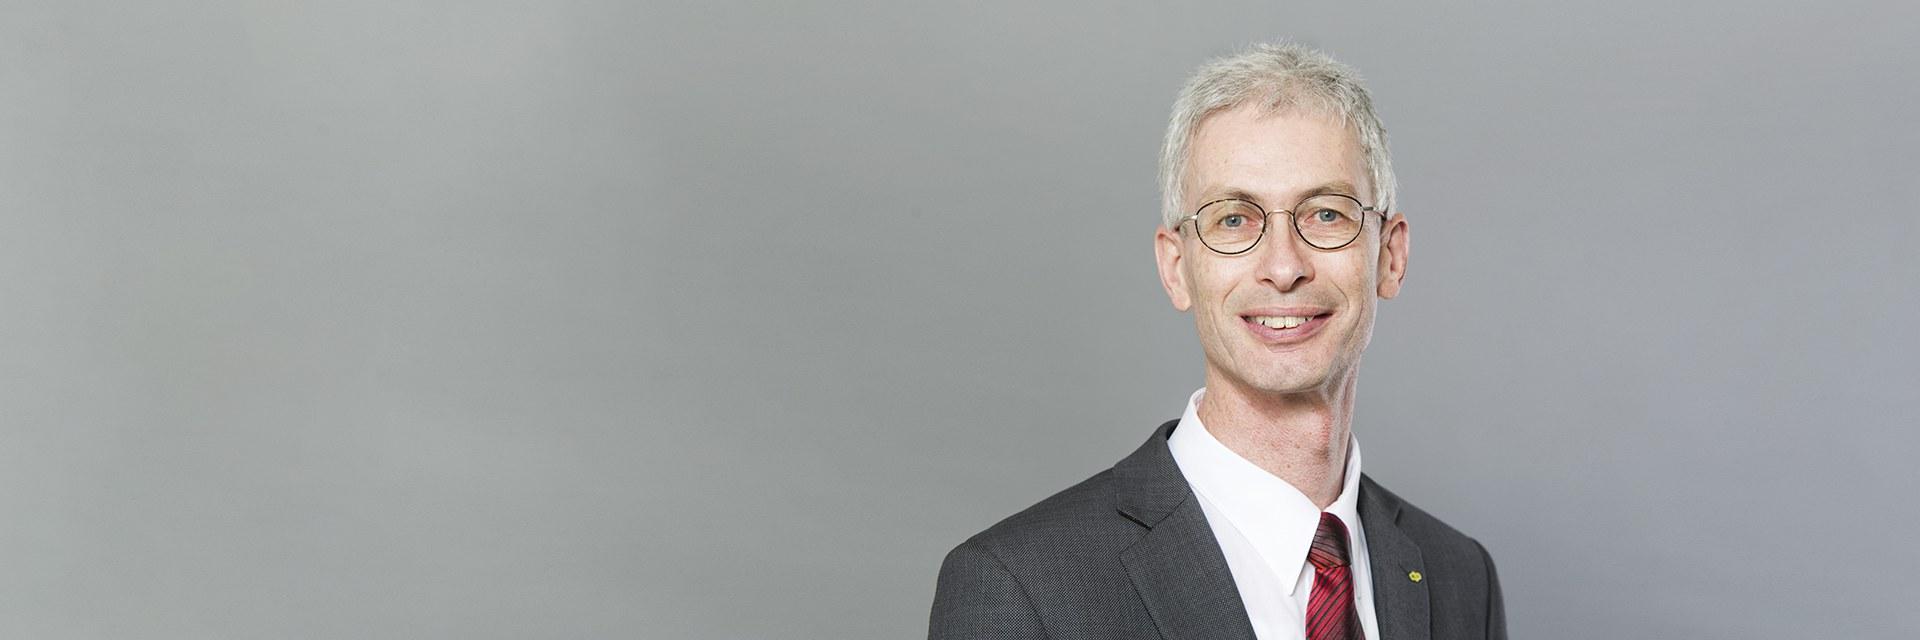 Prof. Jürg Christener